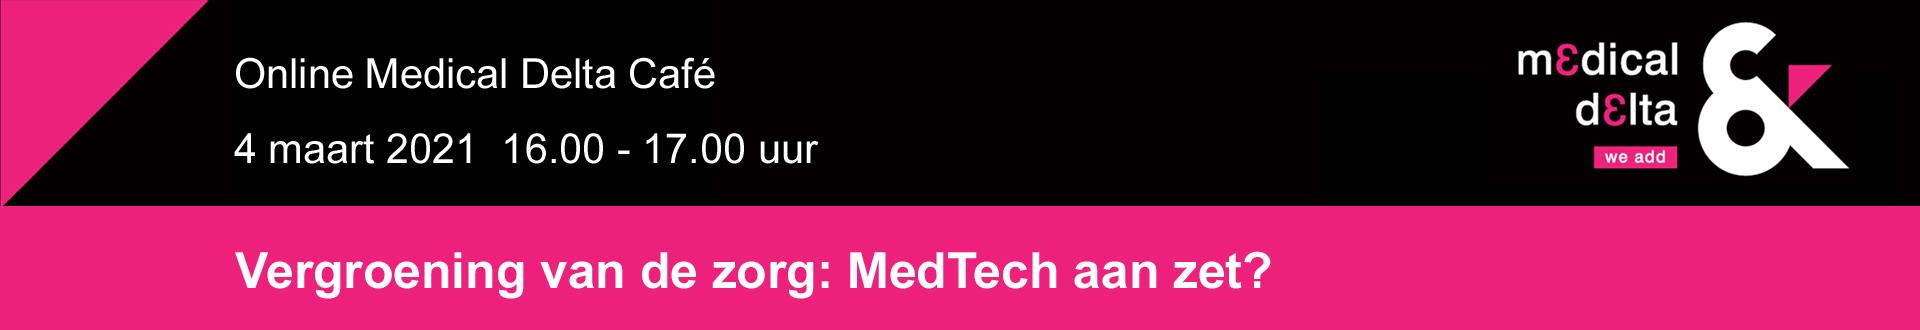 Medical Delta Café 4 maart 2021